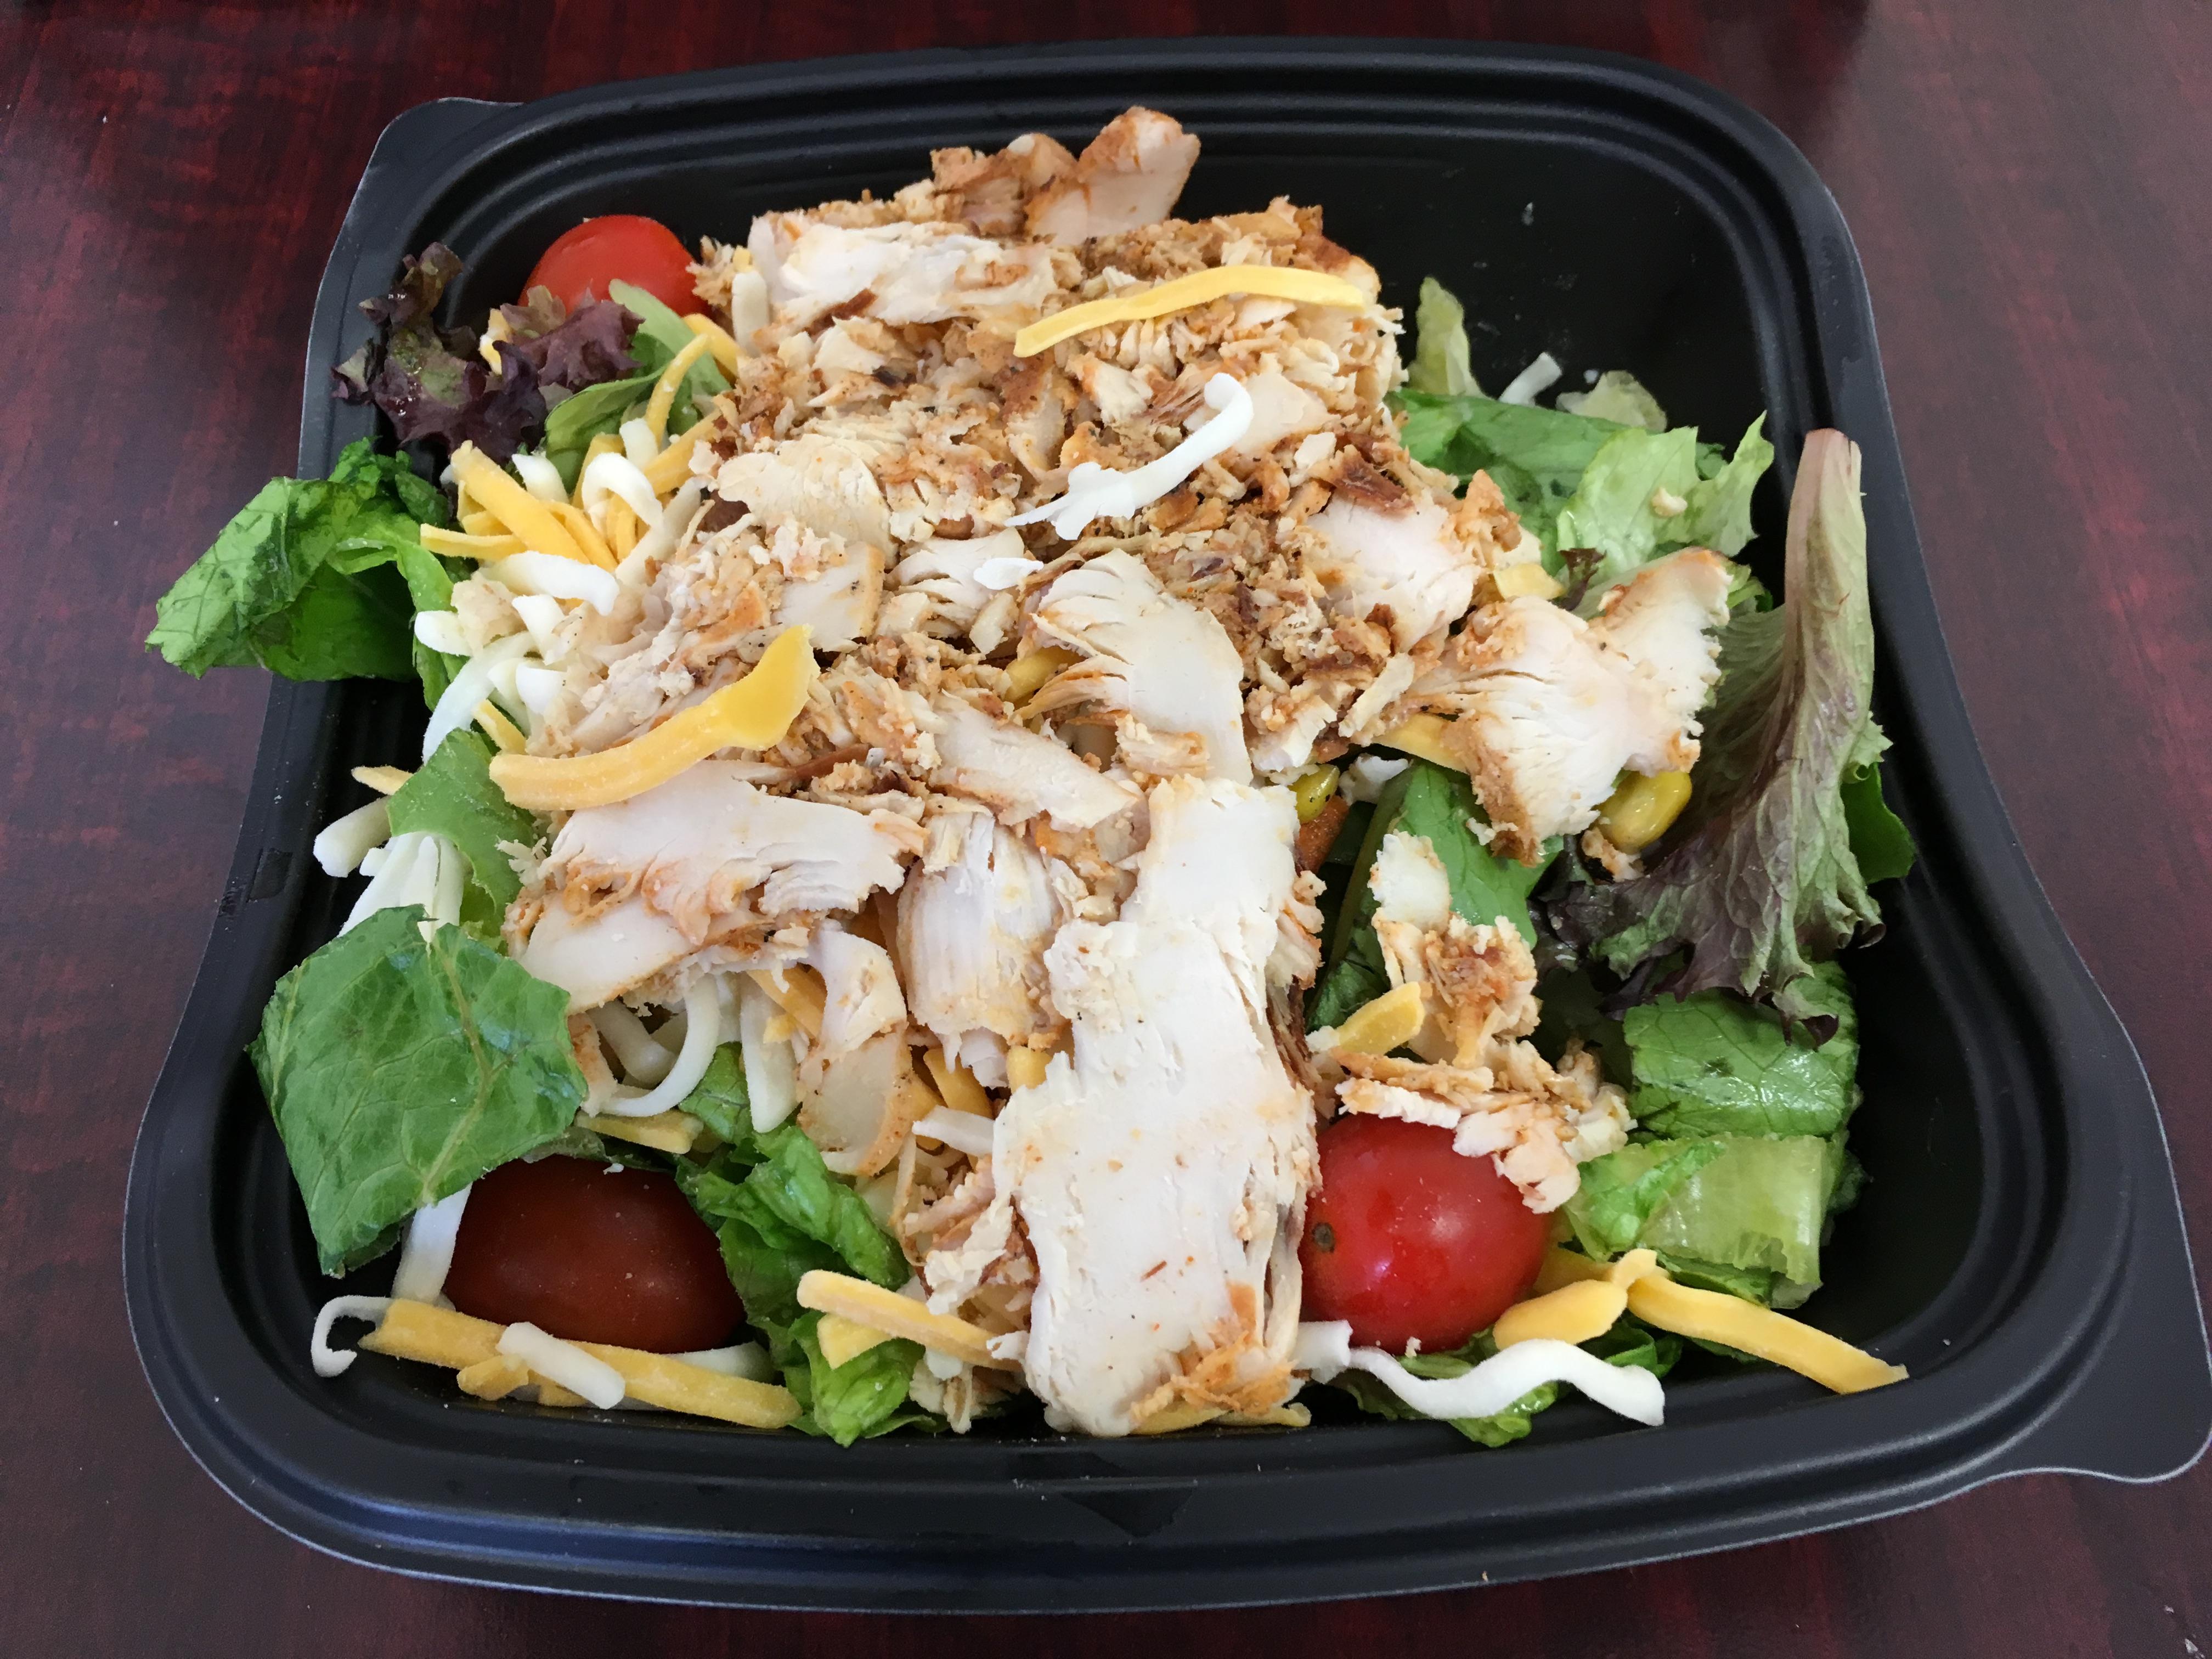 Fullsize Of Mcdonalds Southwest Salad